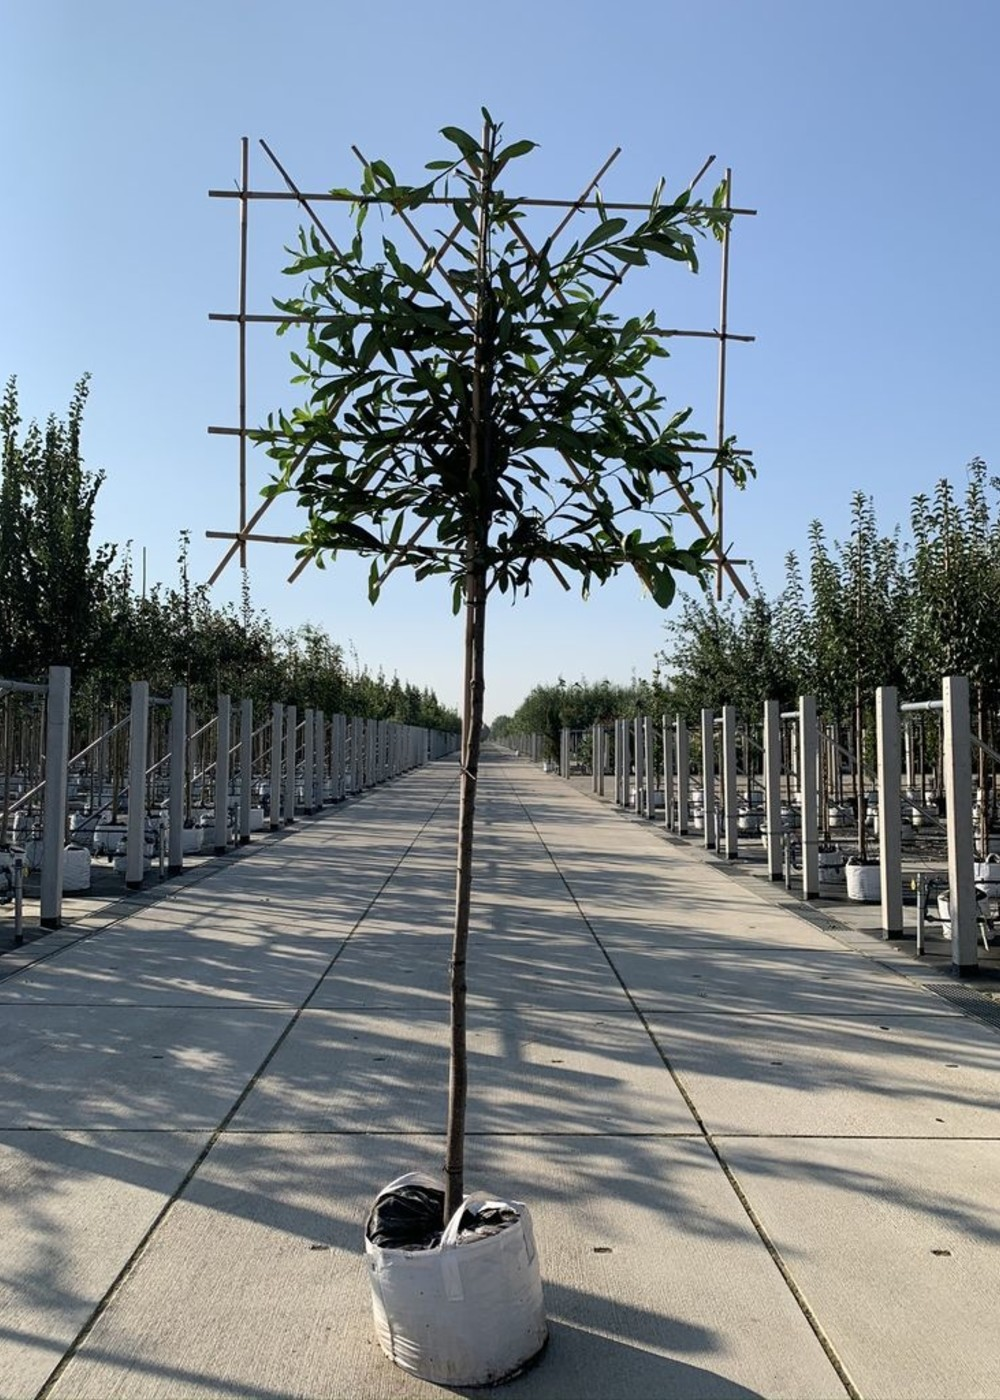 Kaukasischer Kirschlorbeer Spalierbaum   Prunus laurocerasus 'Caucasica' Spalierbaum